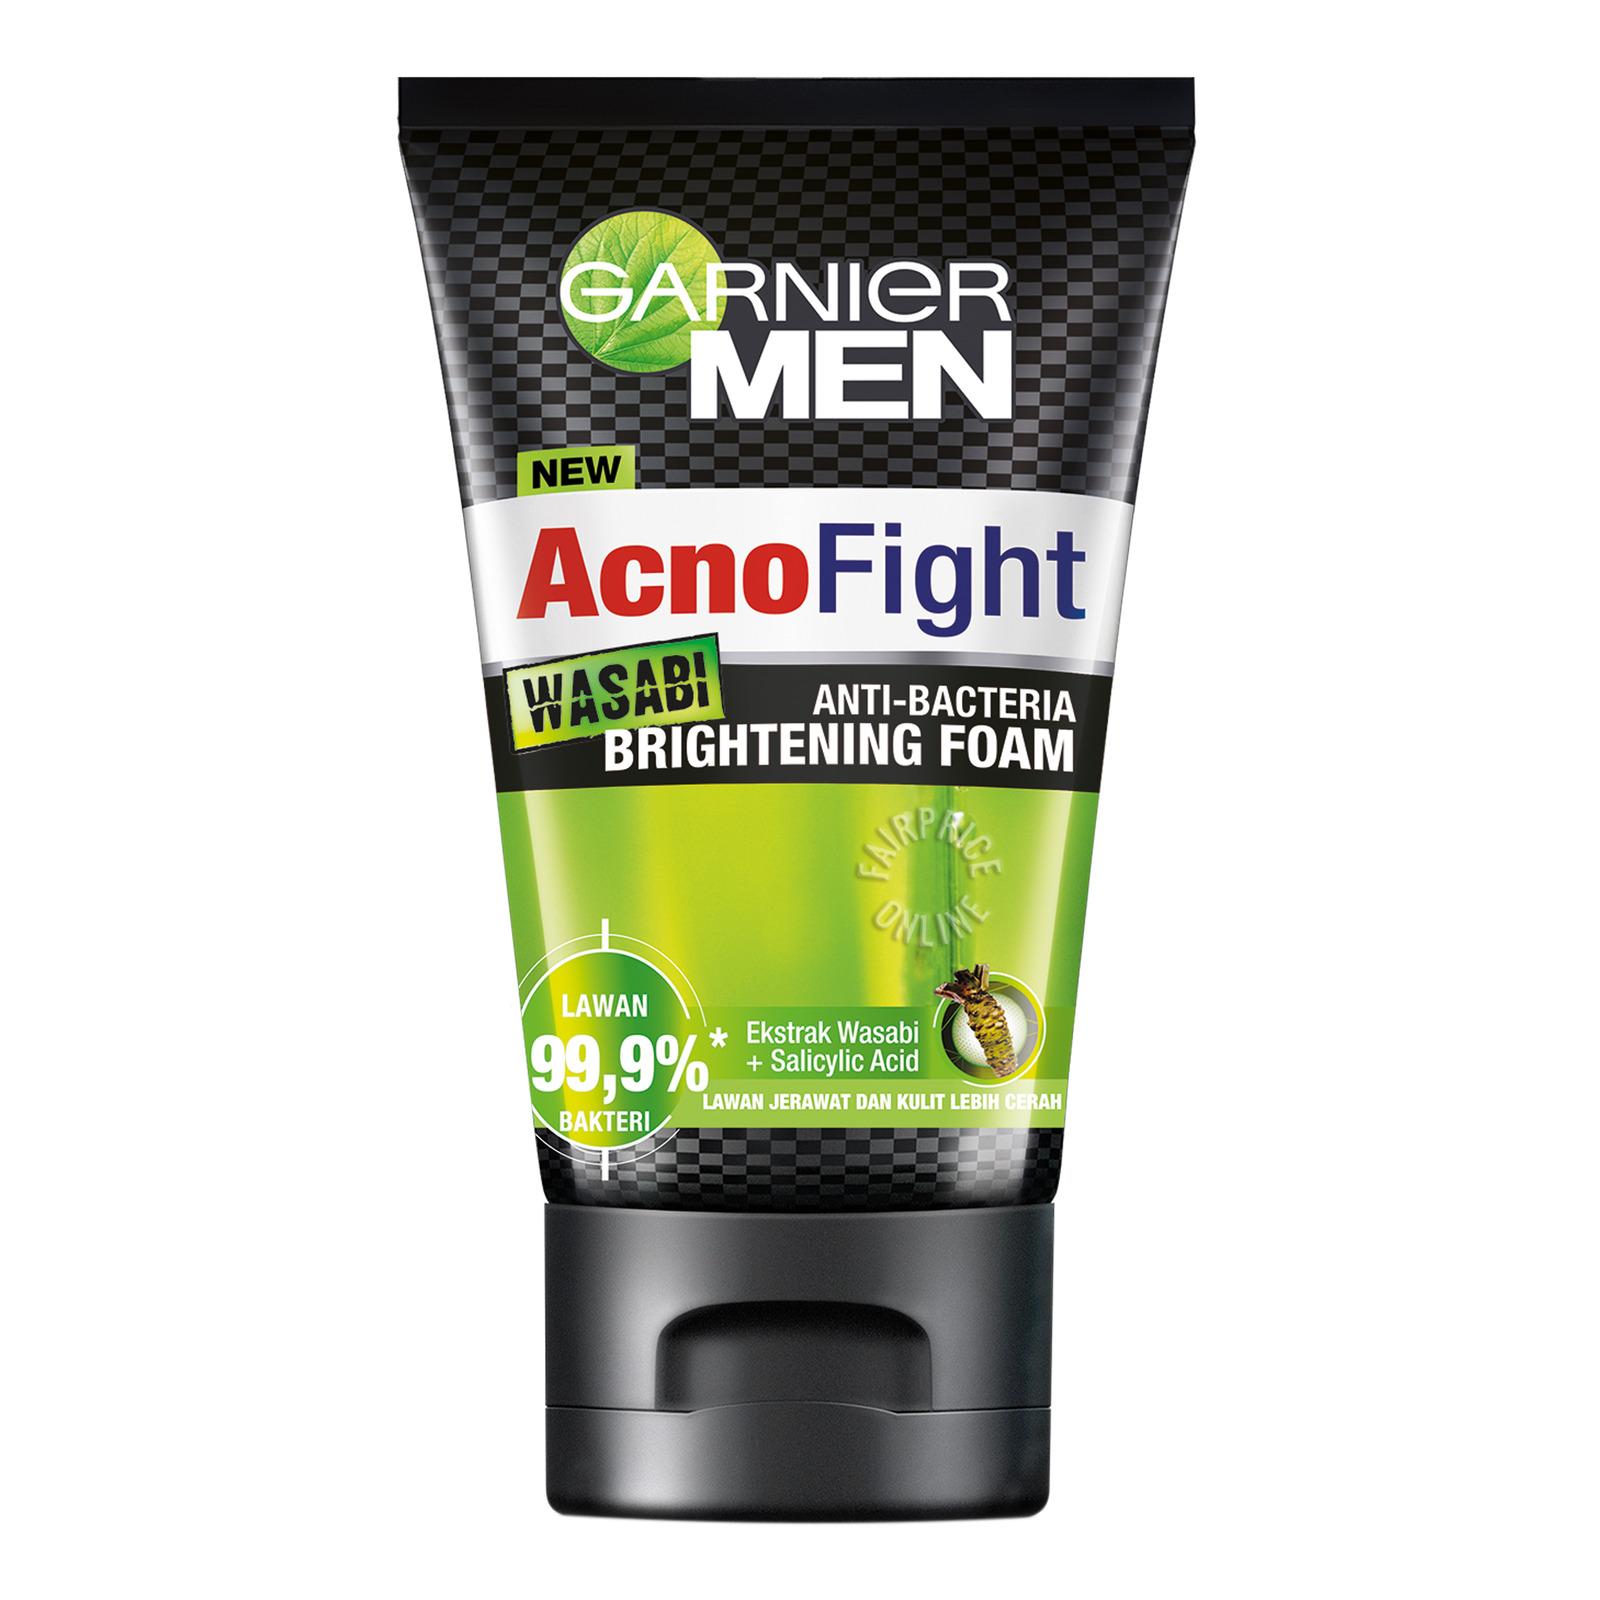 Garnier Men Acno Fight Cleanser Foam - Wasabi (Brightening)